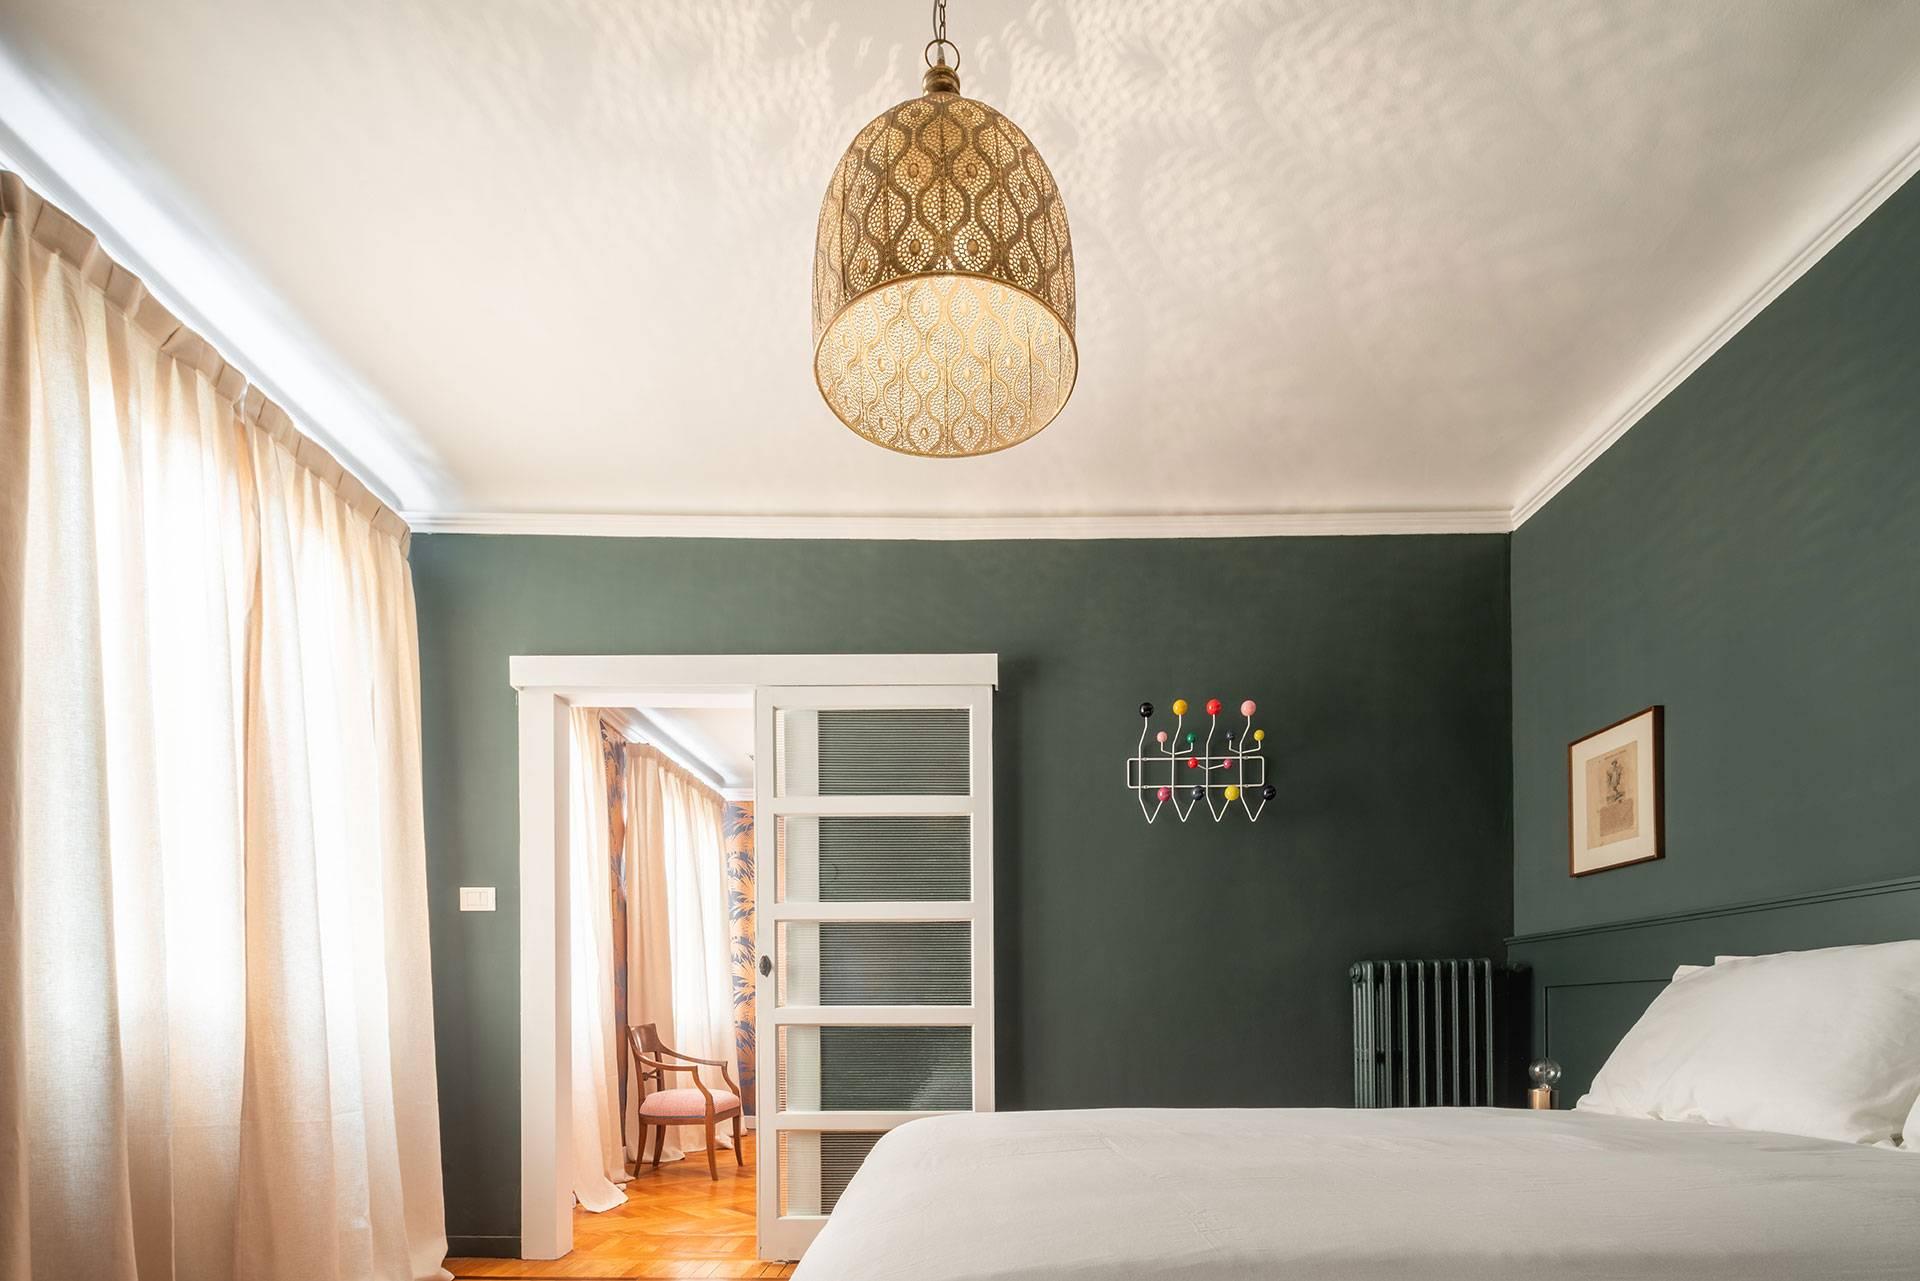 4th floor: double bedroom